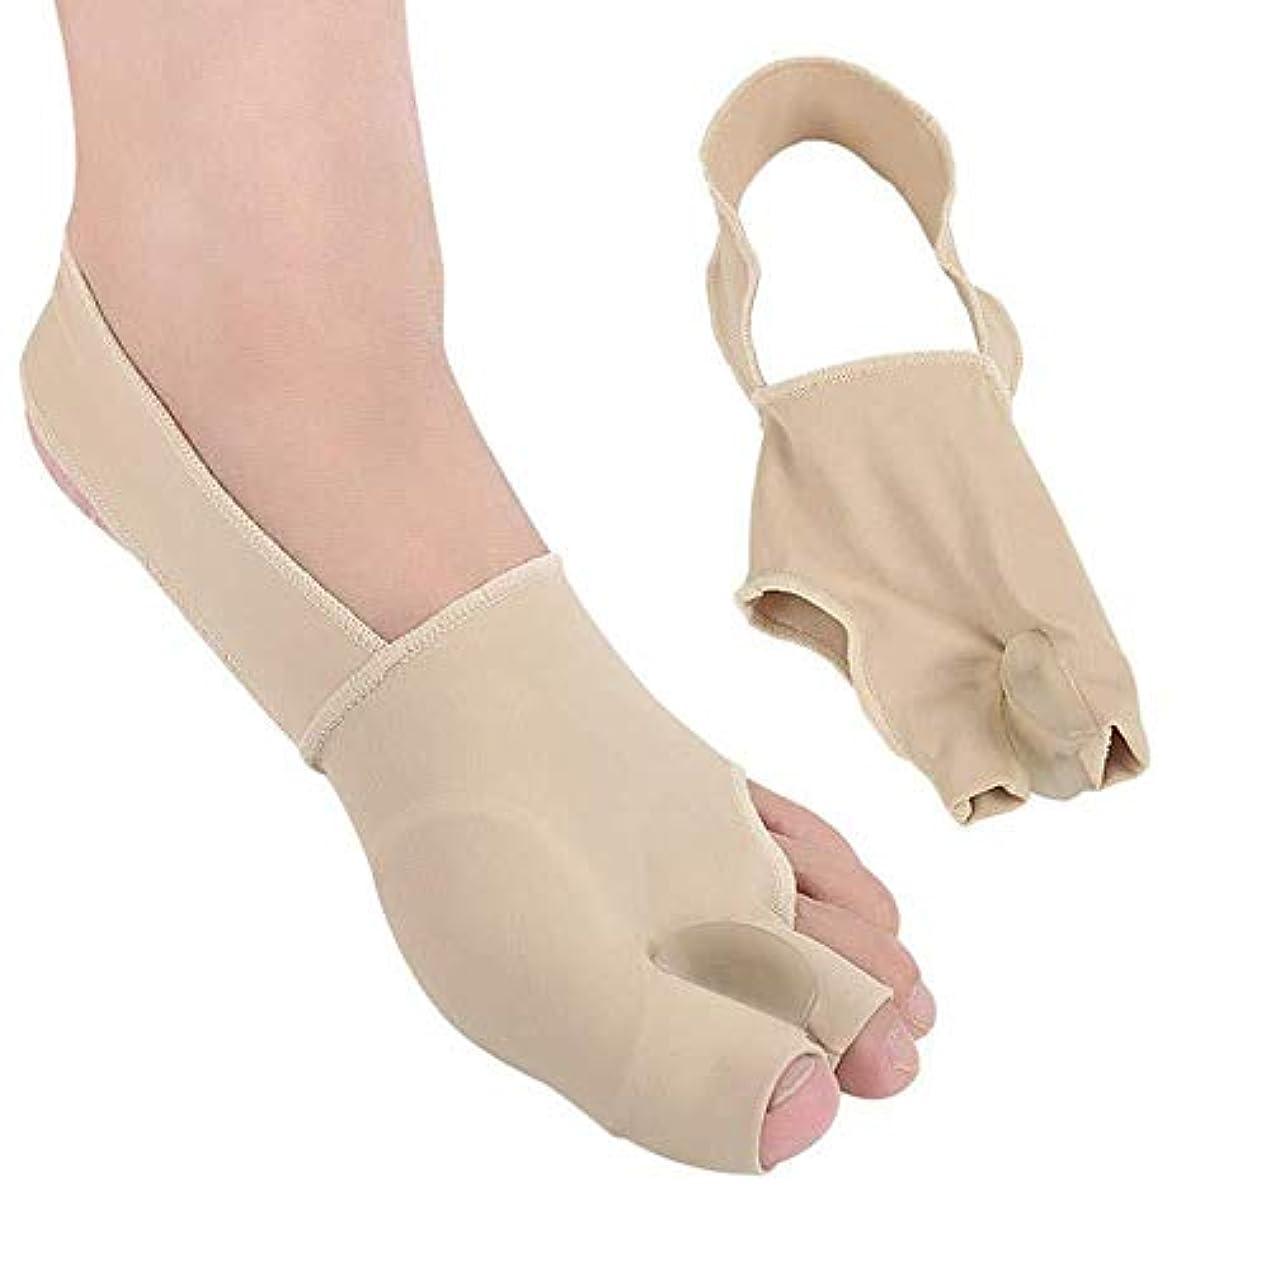 ゴシップコメンテーター東方つま先セパレーター、足の痛みを緩和する運動の治療のための超薄型整形外科のつま先の外反母supportサポート,S